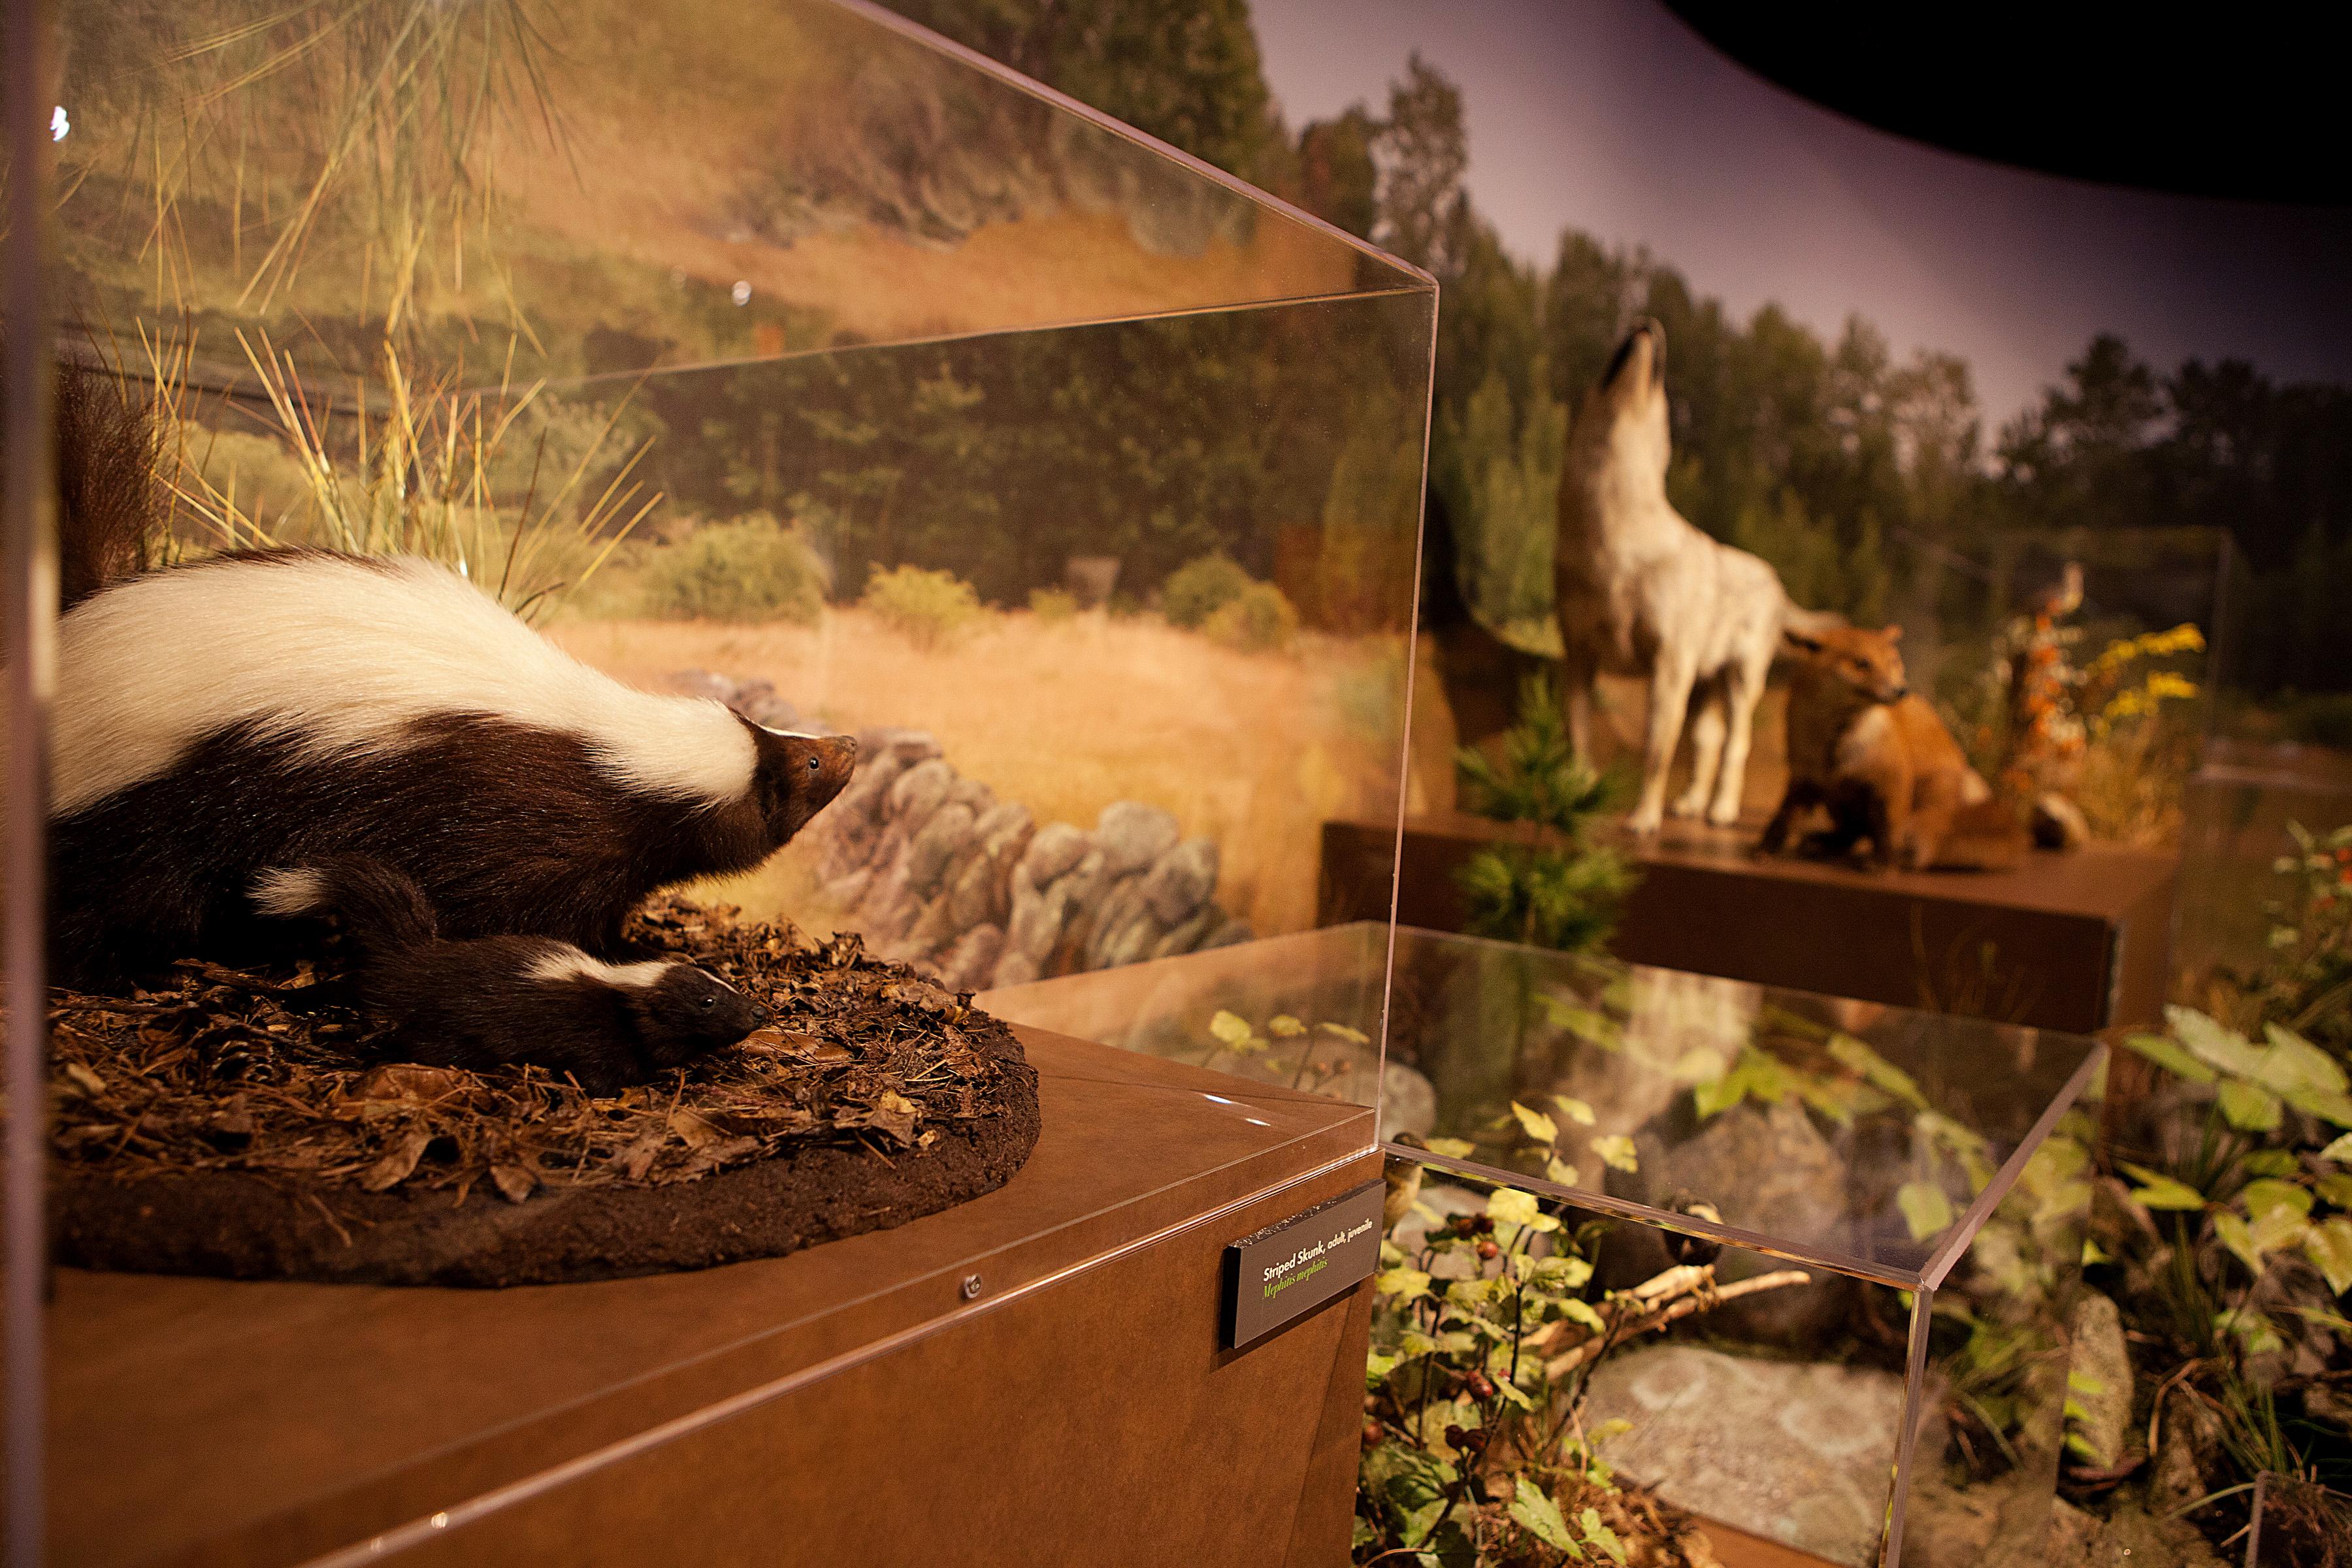 Harvard Museum of Natural History博物馆冬至之夜